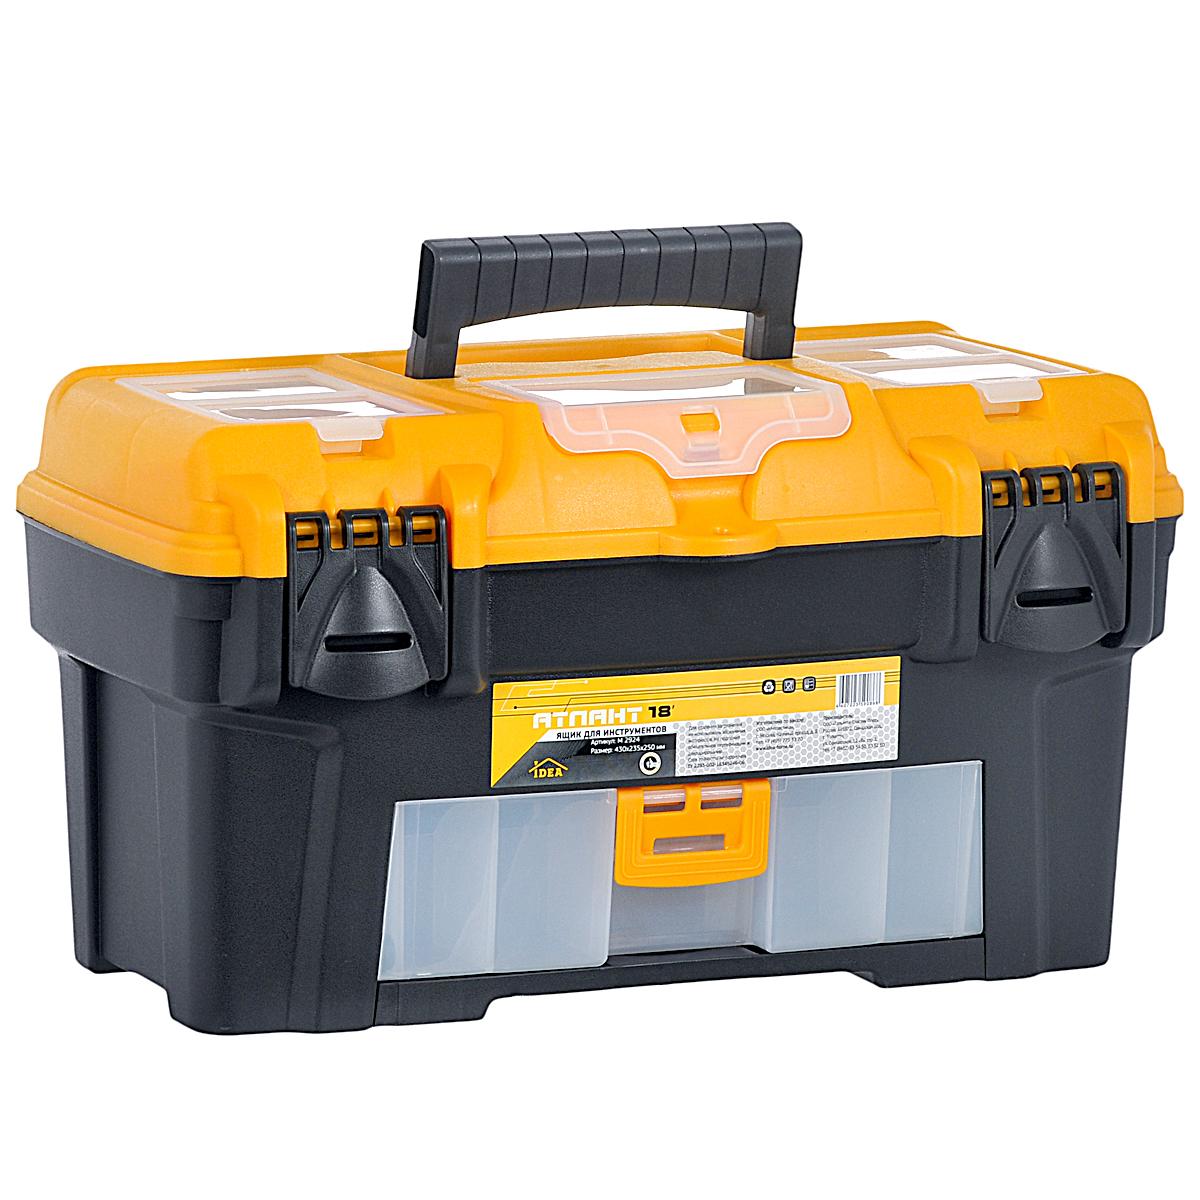 Ящик для инструментов Idea Атлант 18, с органайзером, 43 х 23,5 х 25 см2706 (ПО)Ящик Idea Атлант 18 изготовлен из прочного пластика и предназначен для хранения и переноски инструментов. Вместительный, внутри имеет большое главное отделение. В комплект входит съемный лоток с ручкой для инструментов.На лицевой стороне ящика находится органайзер. Крышка оснащена двумя органайзерами и отделением для хранения бит. Ящик закрывается при помощи крепких защелок, которые не допускают случайного открывания.Для более комфортного переноса в руках, на крышке ящика предусмотрена удобная ручка.